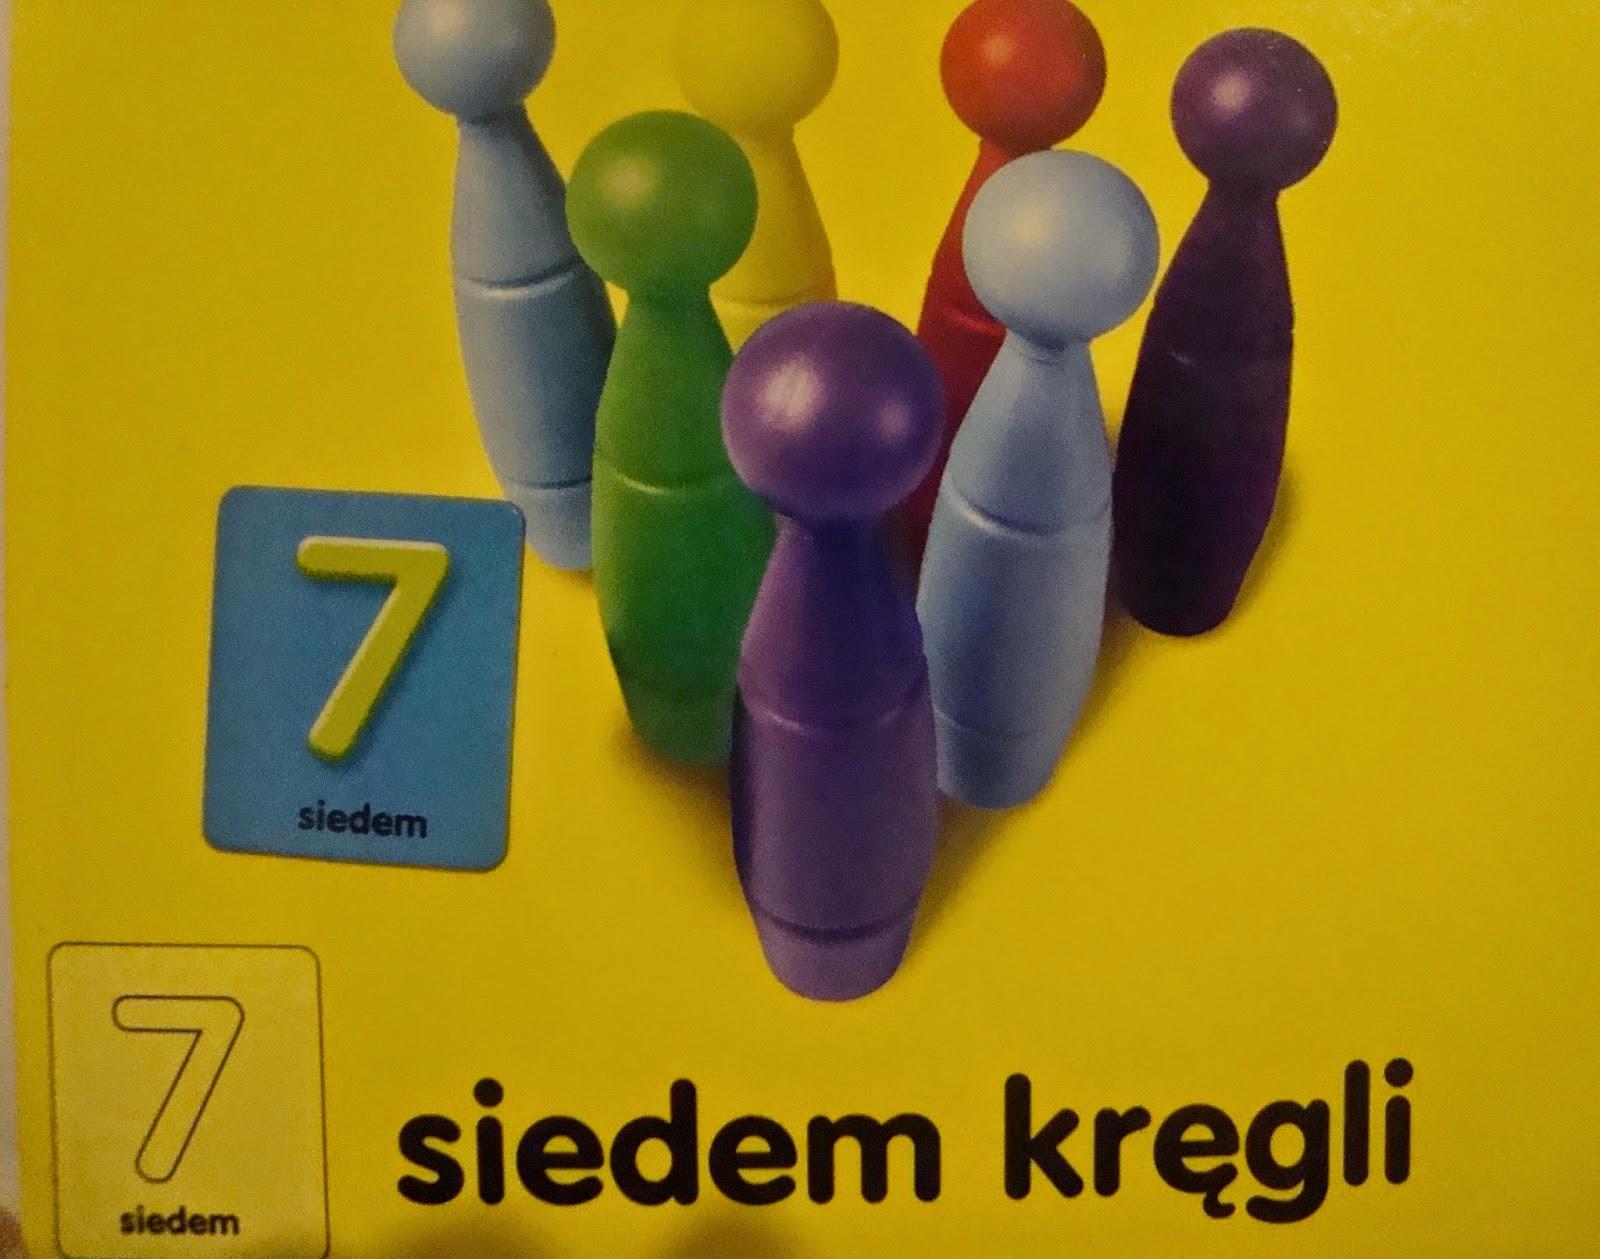 lekcje z magnesami. liczby